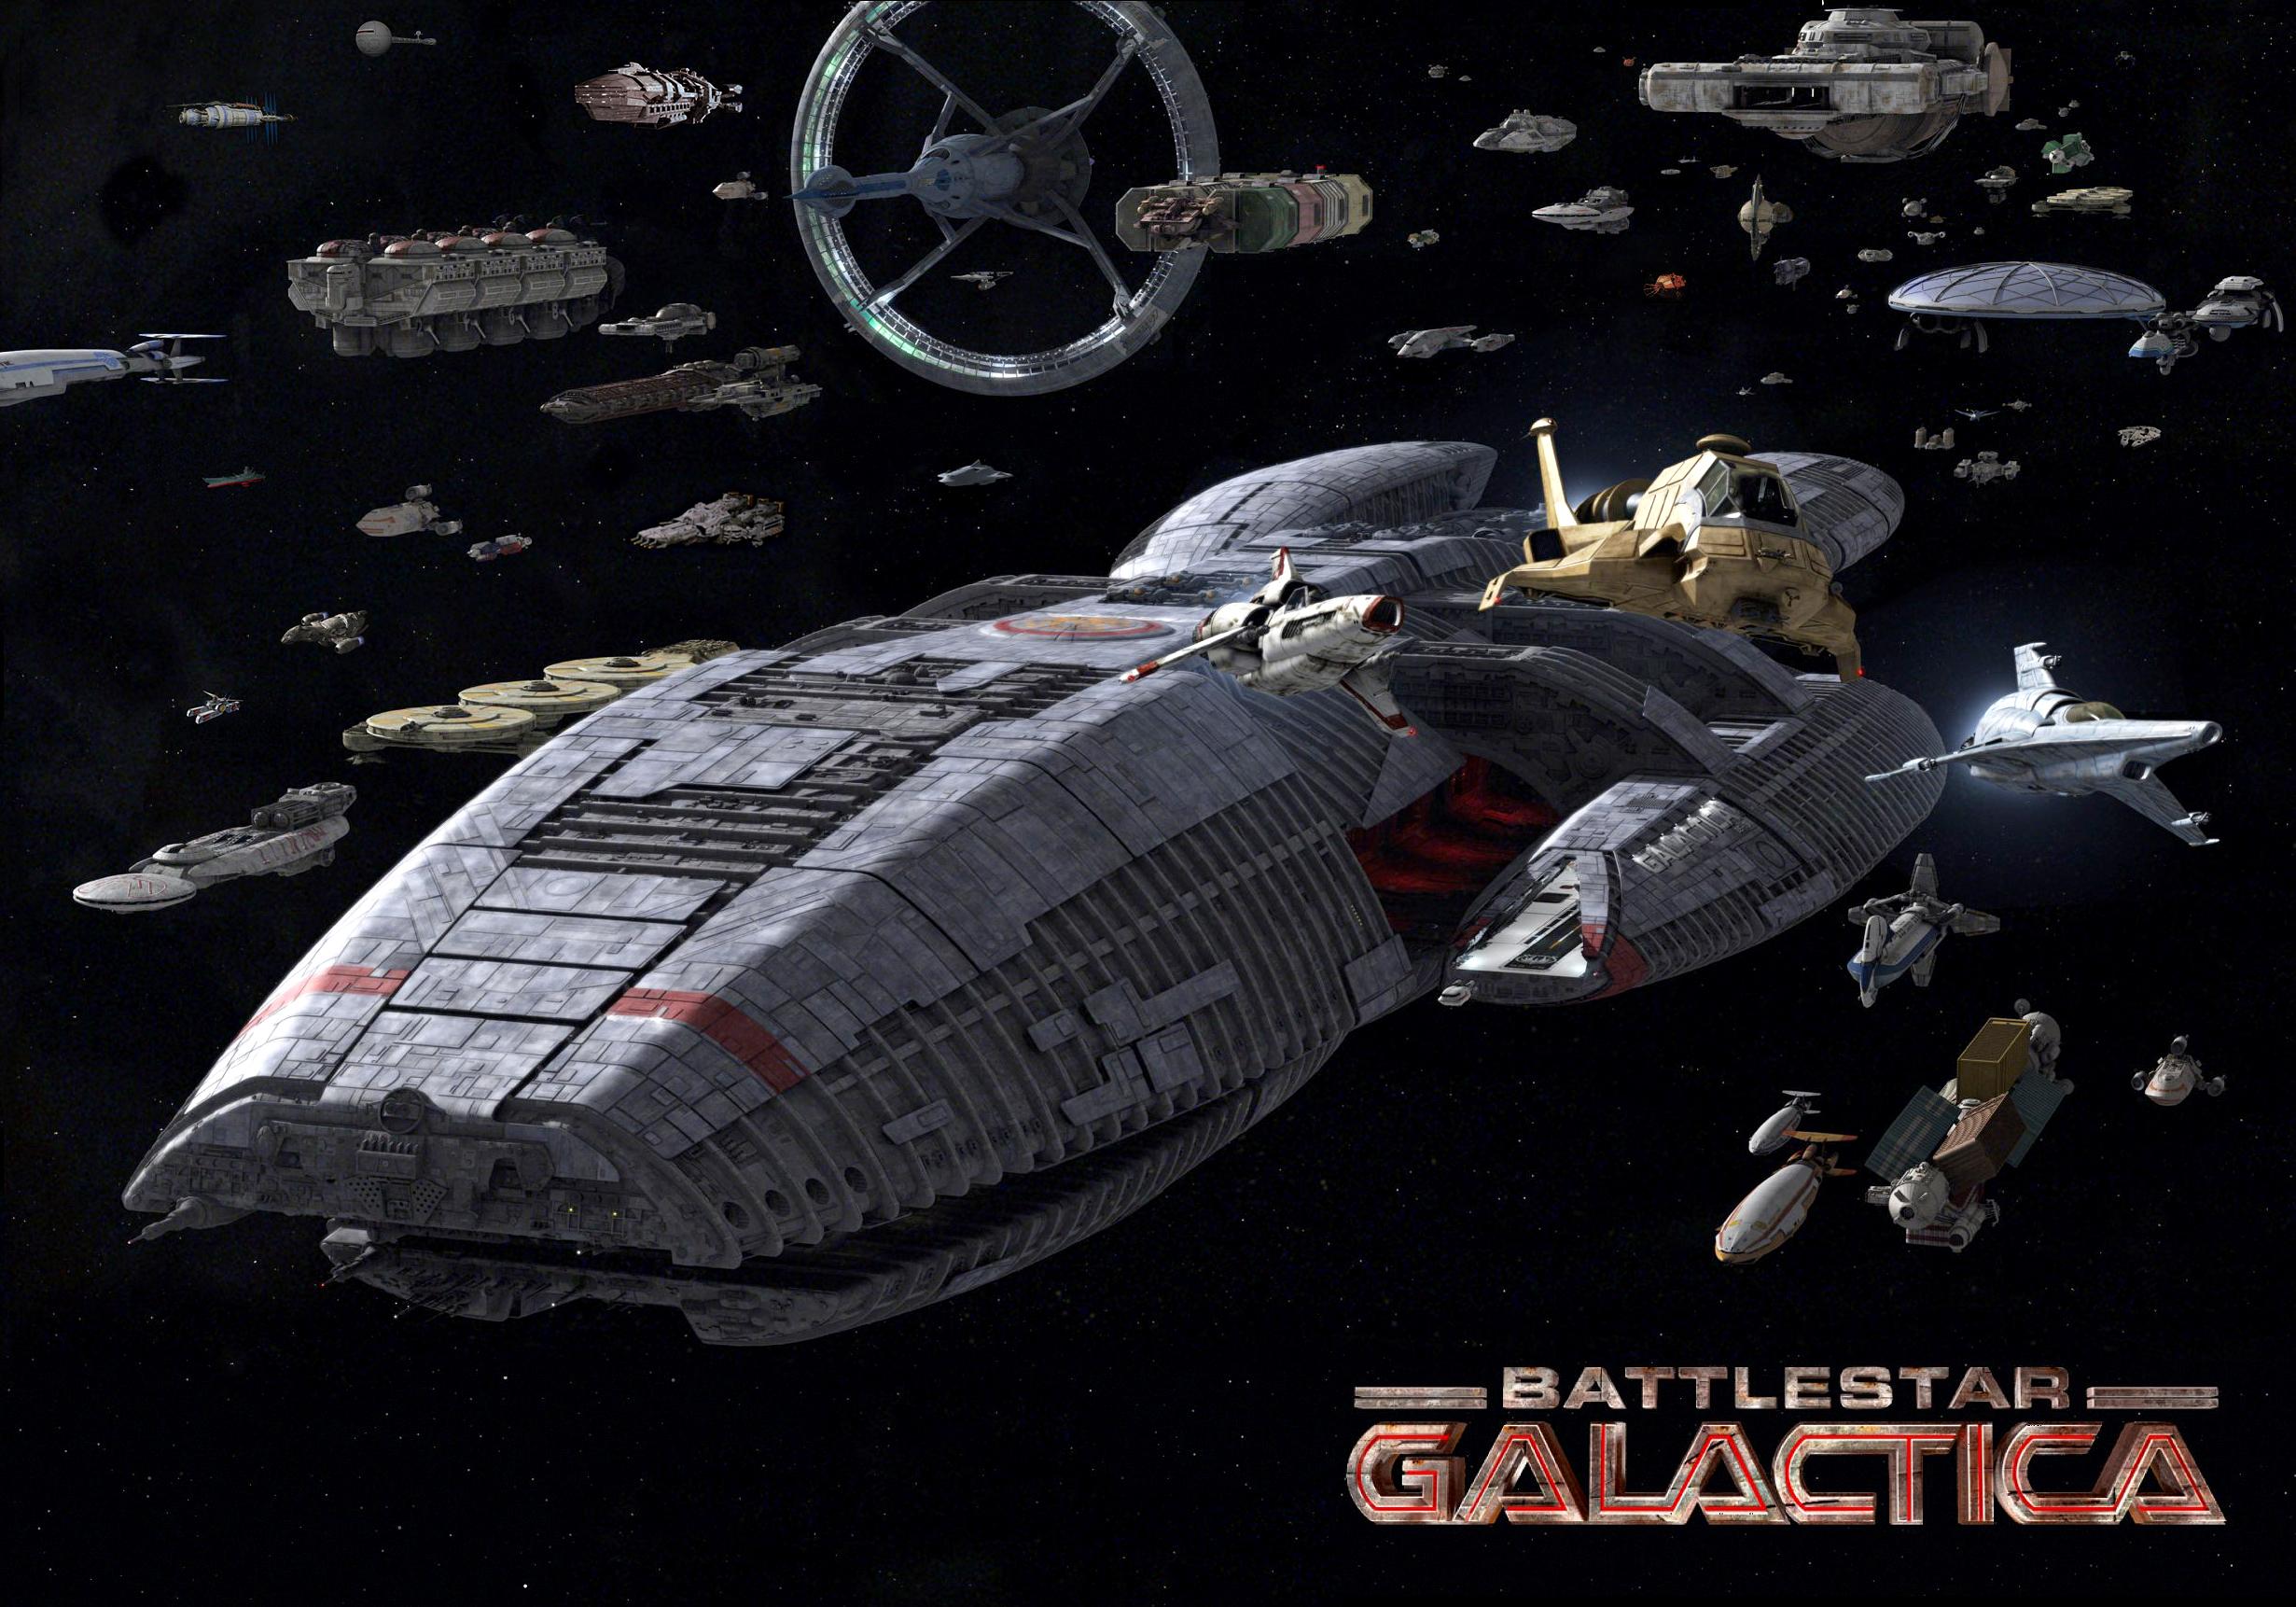 2461x1722 > Battlestar Galactica Wallpapers